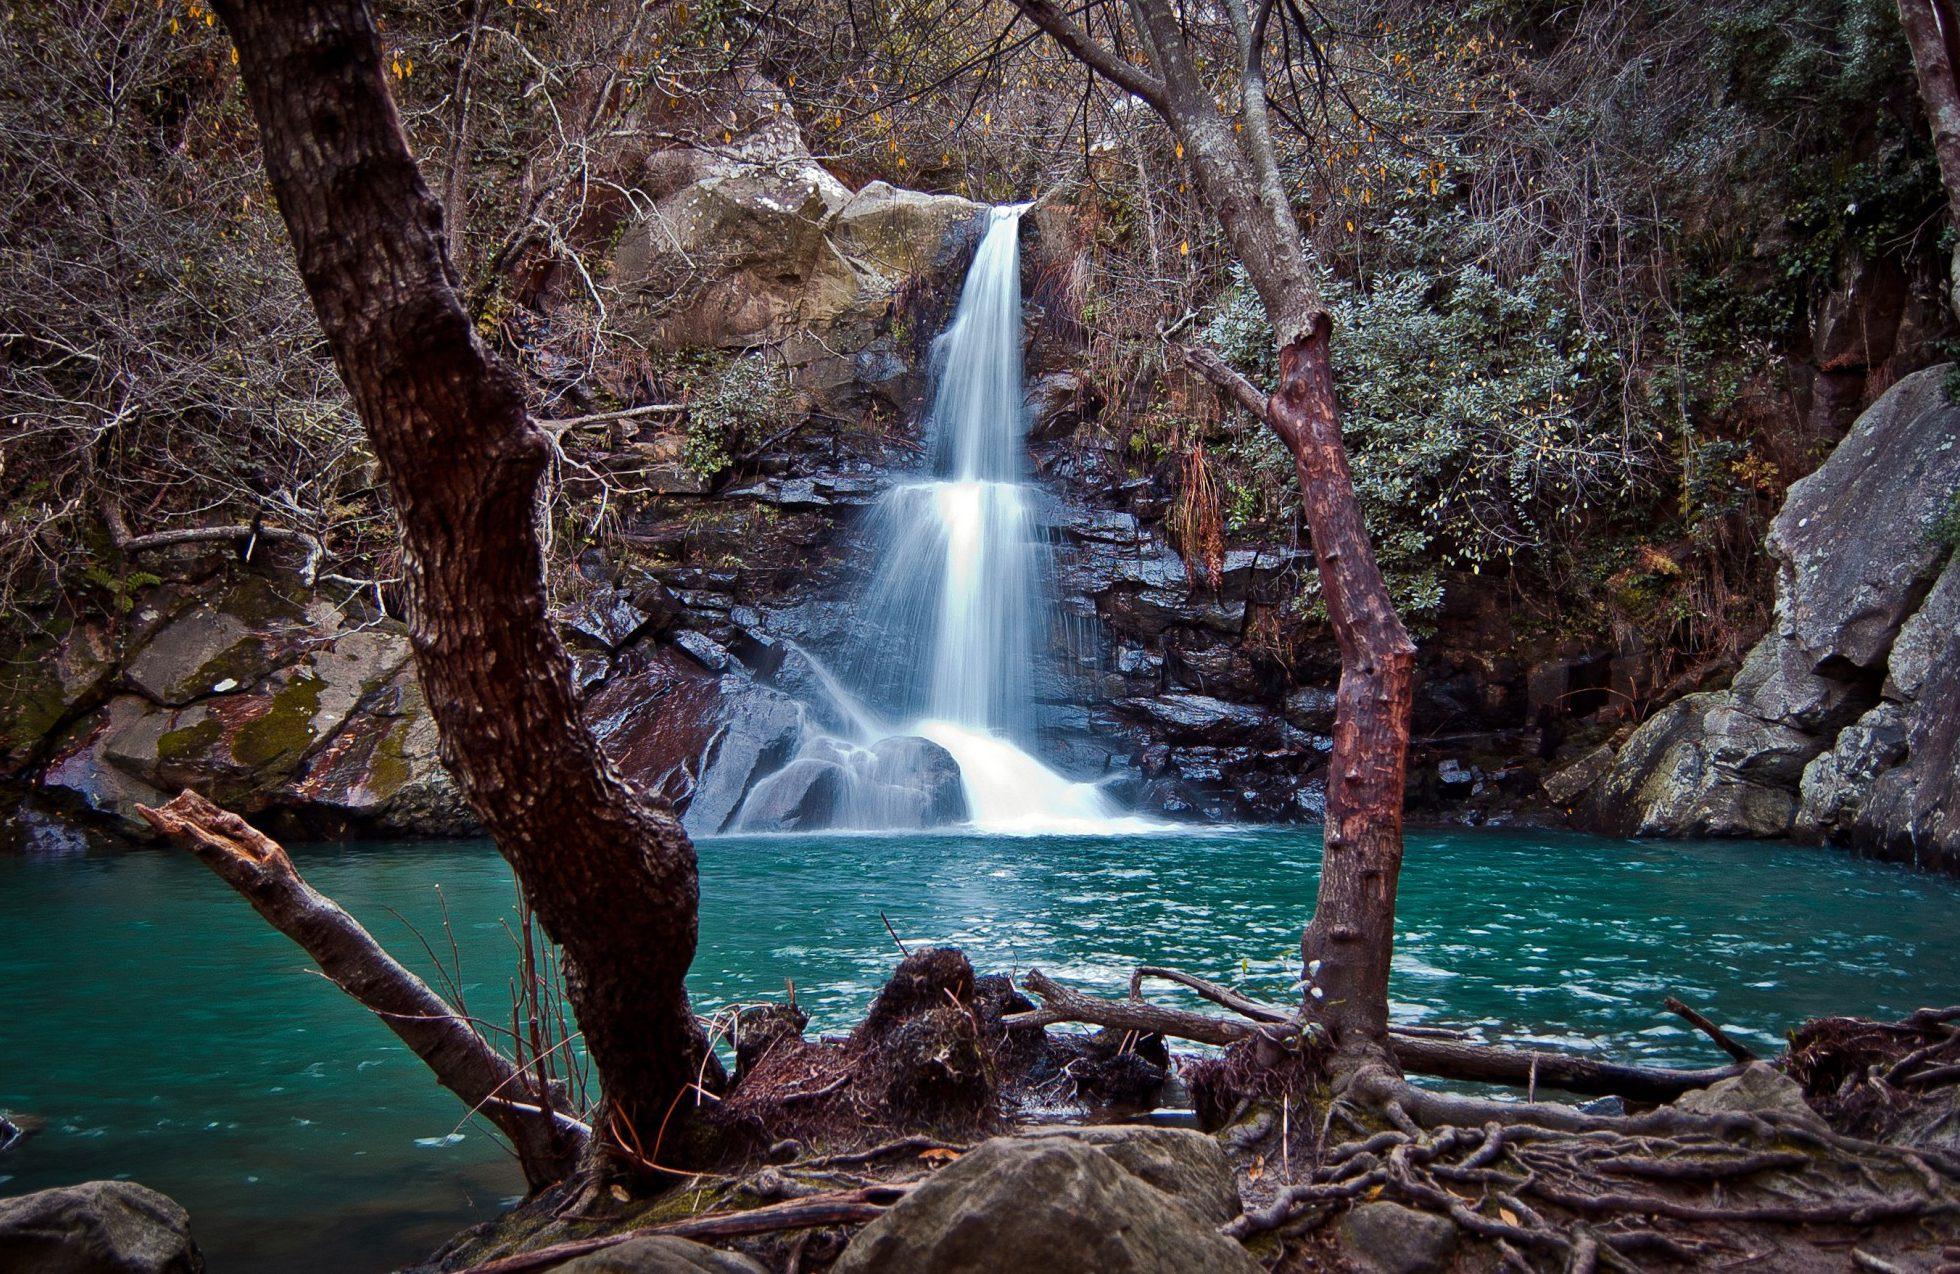 Garganta-del-Capitan-Parque-Natural-Los-Alcornocales-Cadiz-e1464548427650